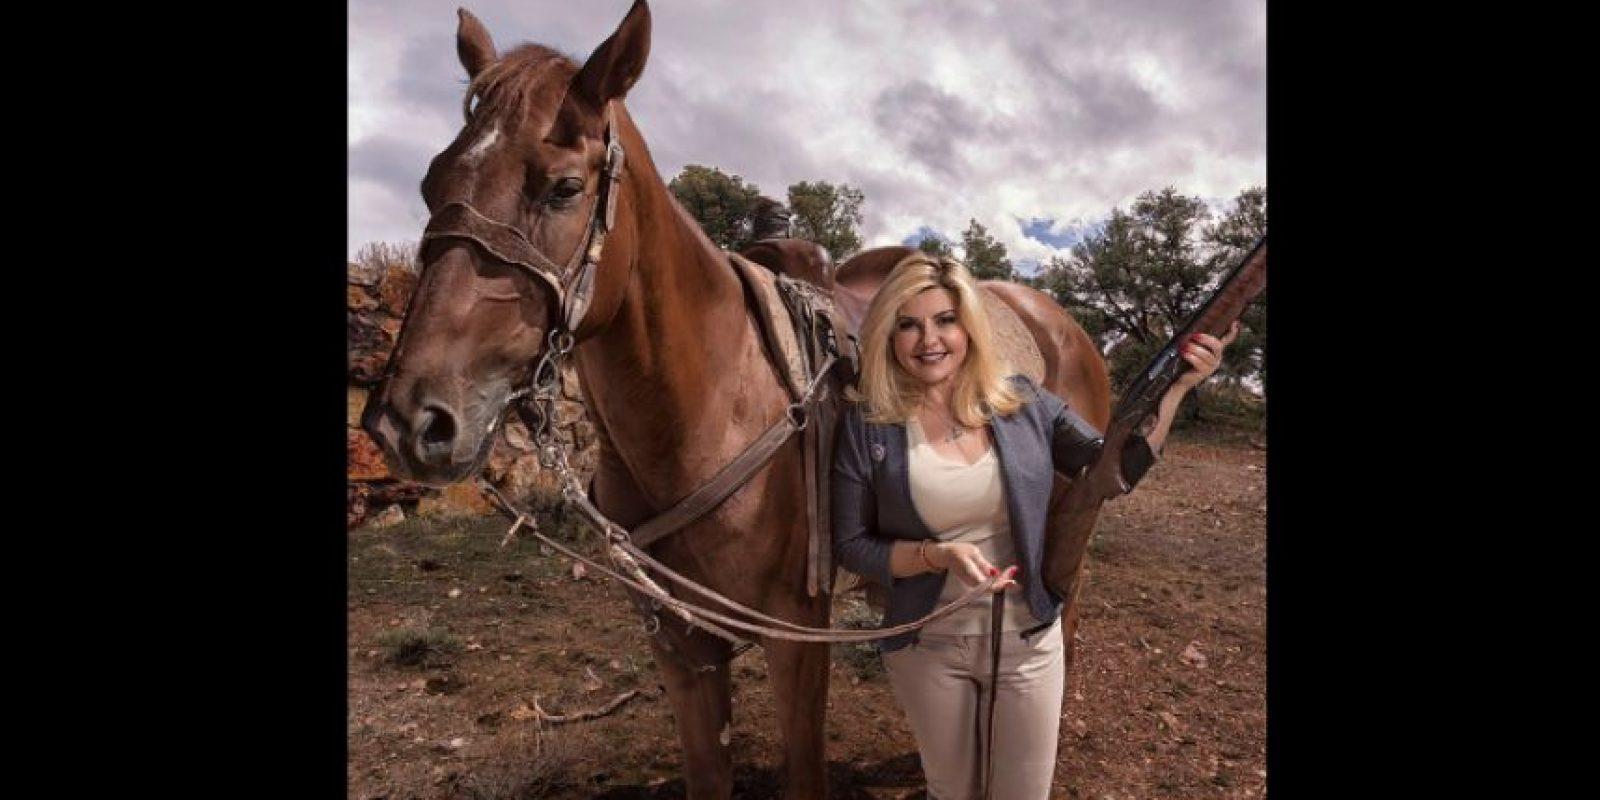 También está postulada al tercer distrito de Nevada del Congreso estadounidense para las elecciones de 2016. Foto:Vía Twitter.com/VoteFiore